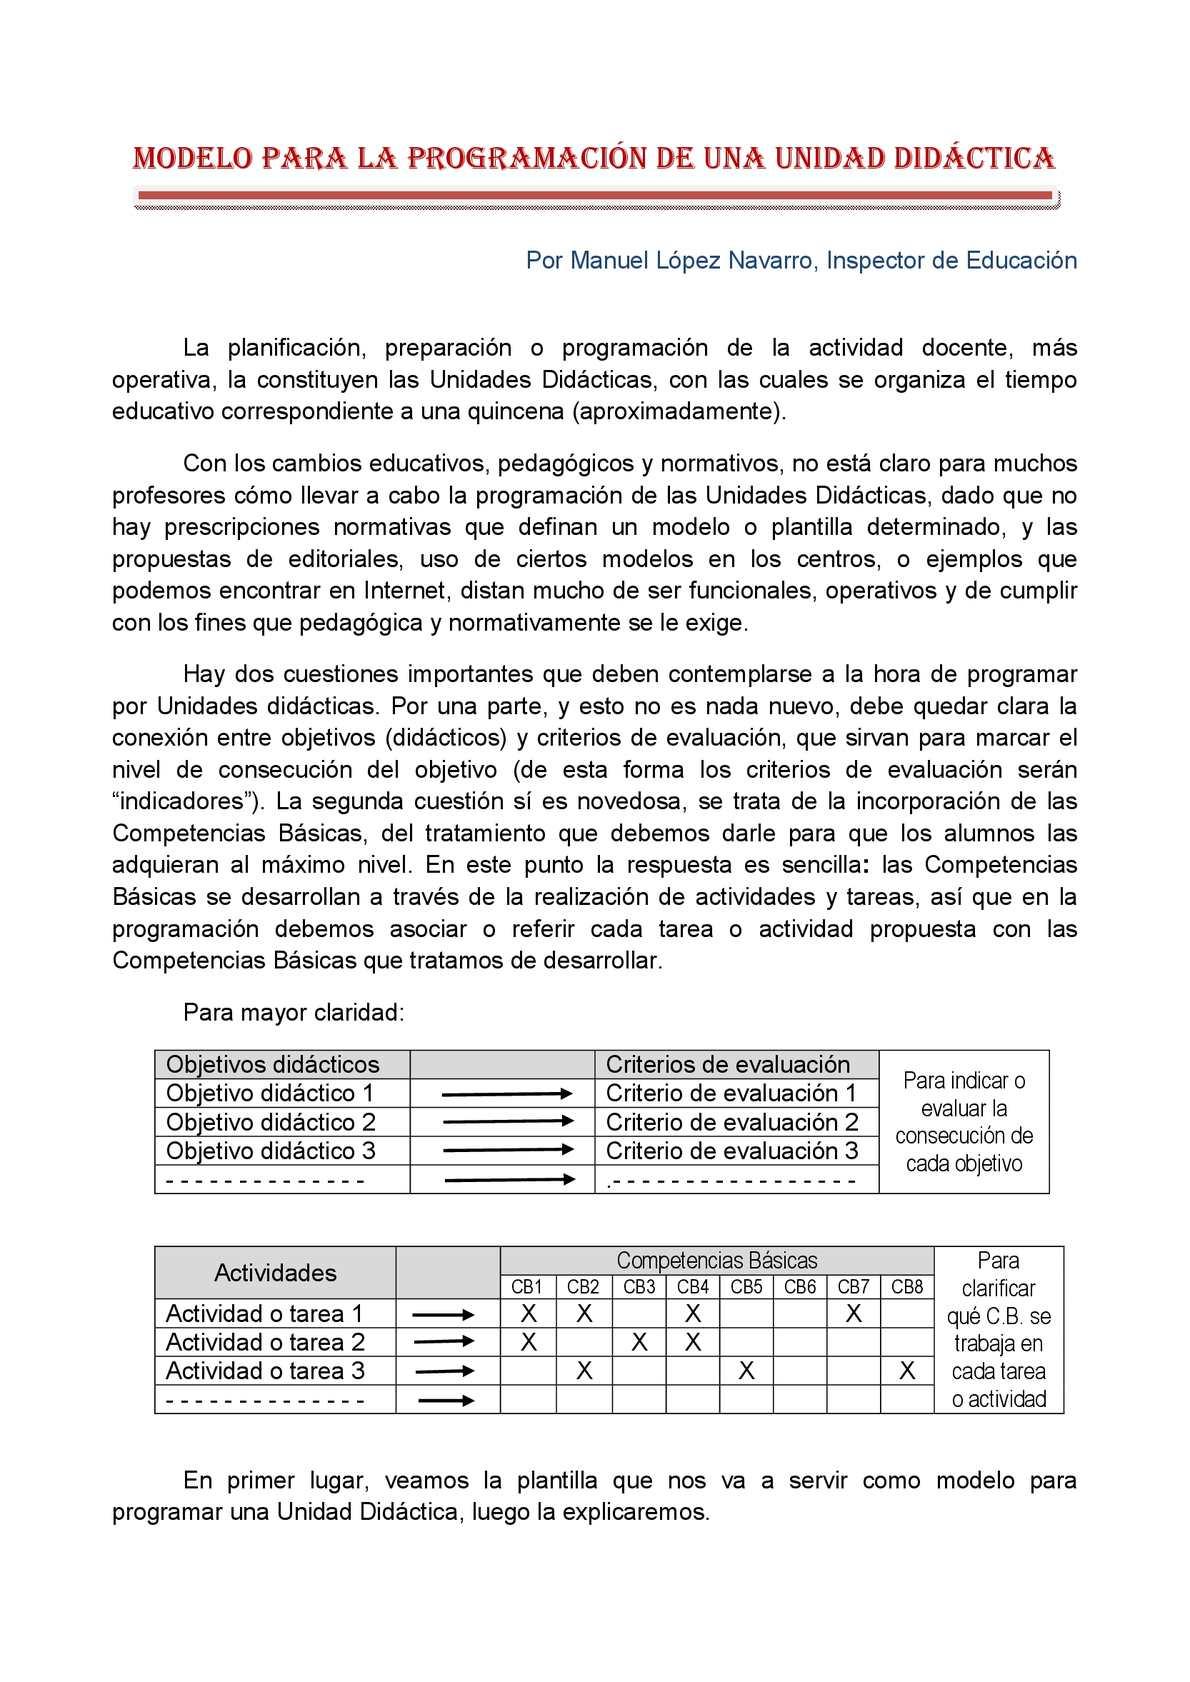 Calaméo - Modelo Programación De Una Unidad Didáctica